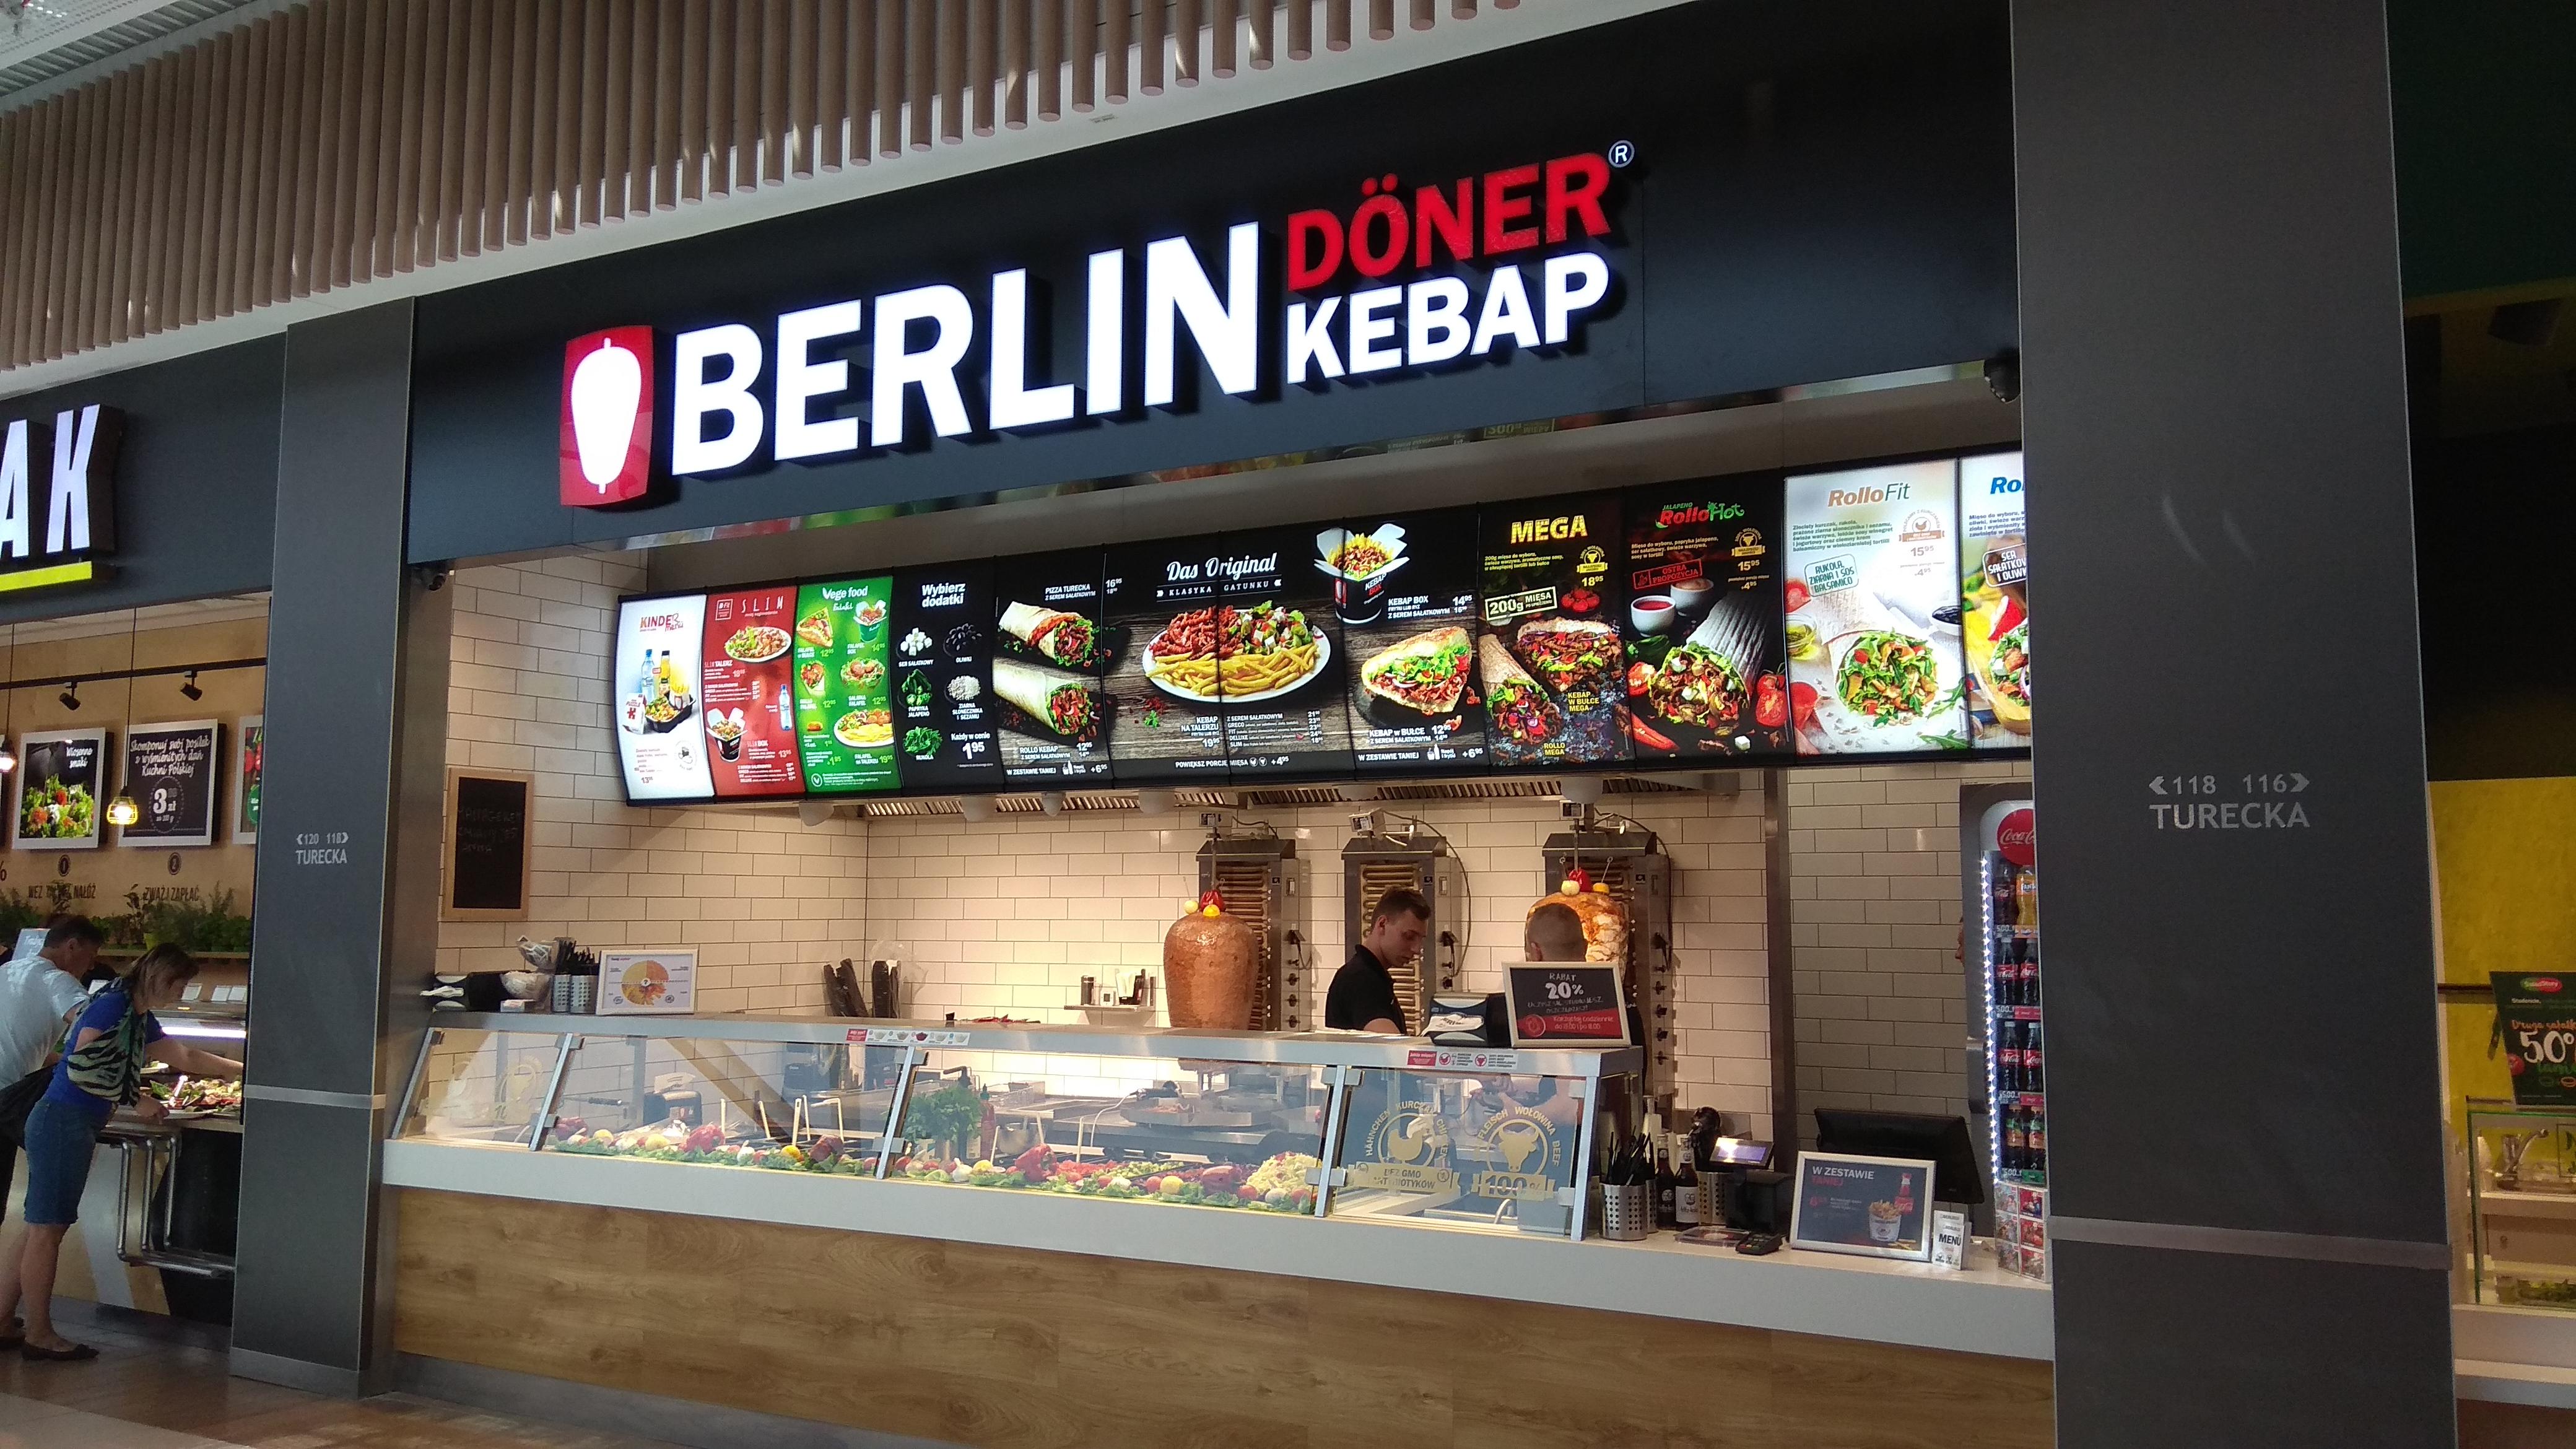 berlin doner4